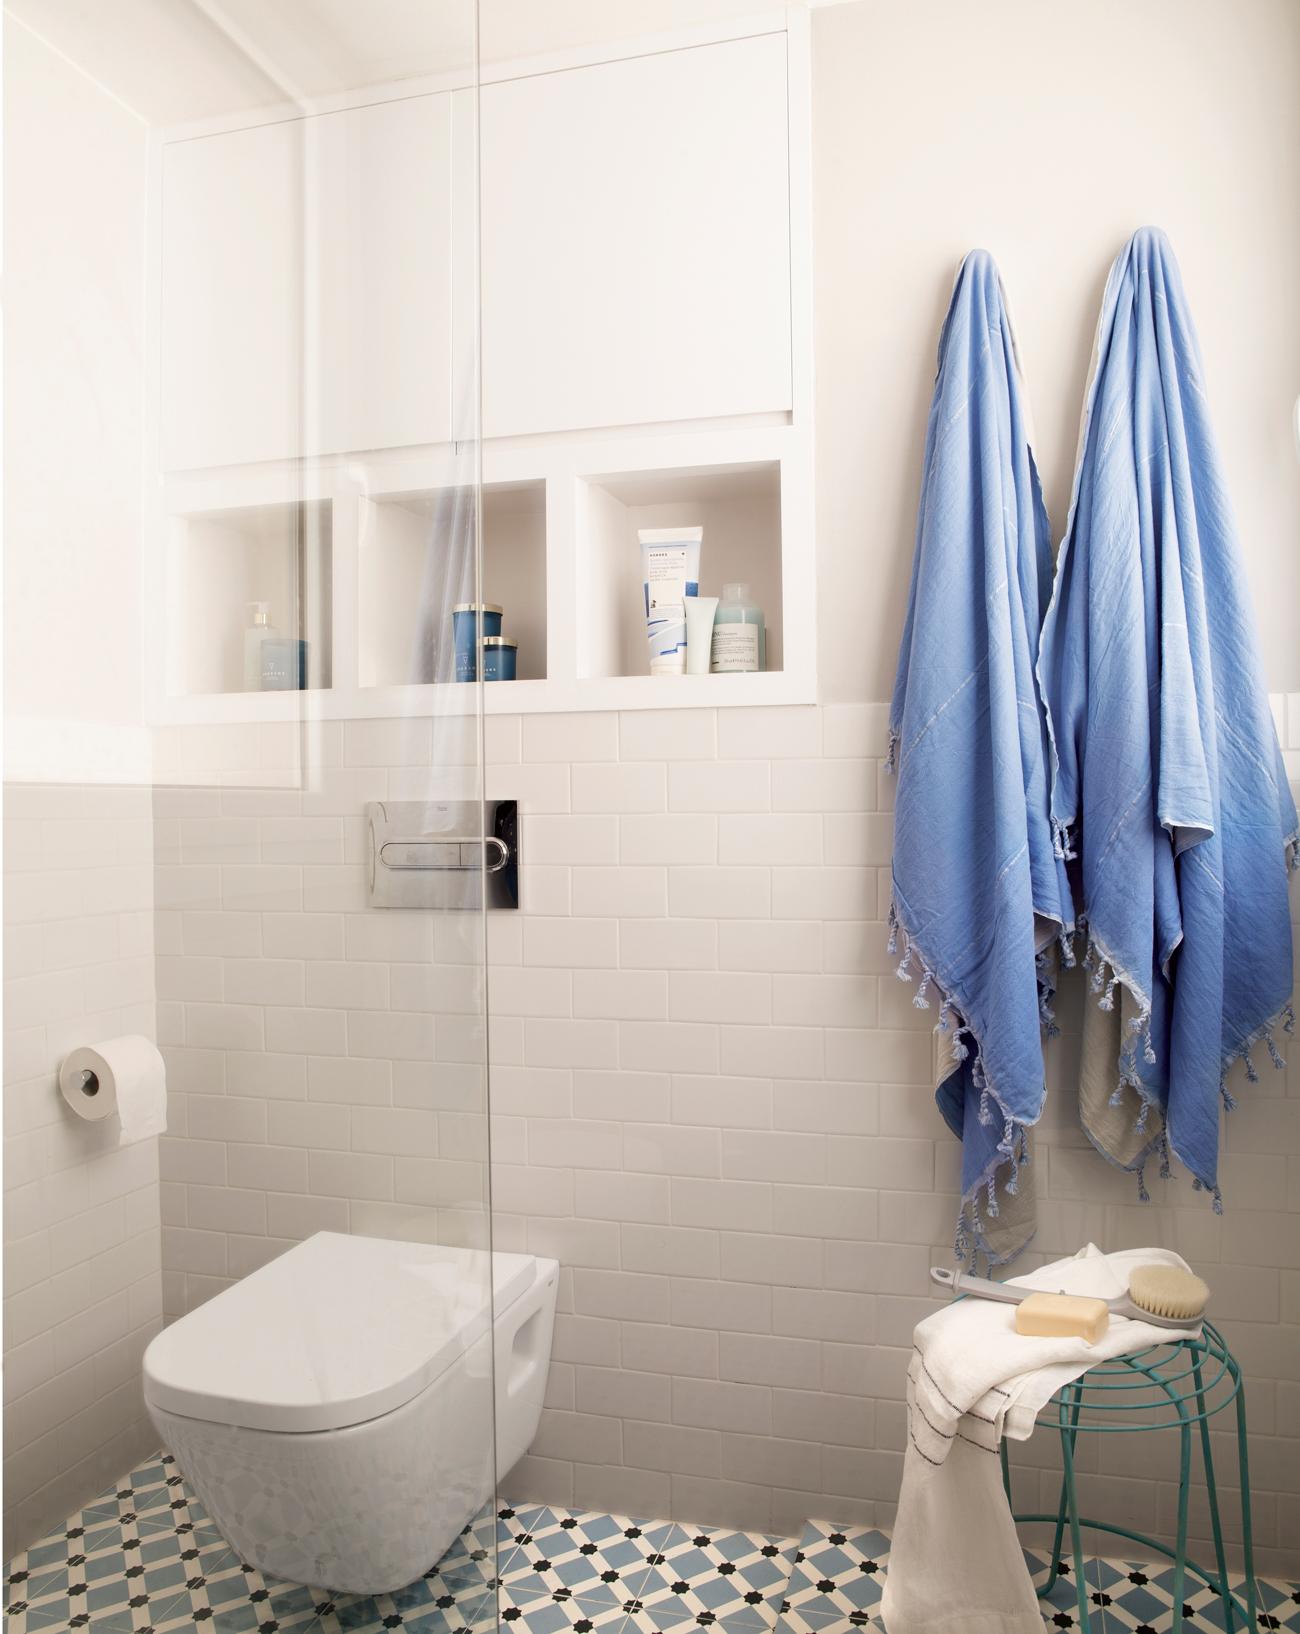 Muebles ba o decoraci n accesorios mamparas y azulejos - Mueble para encima del inodoro ...